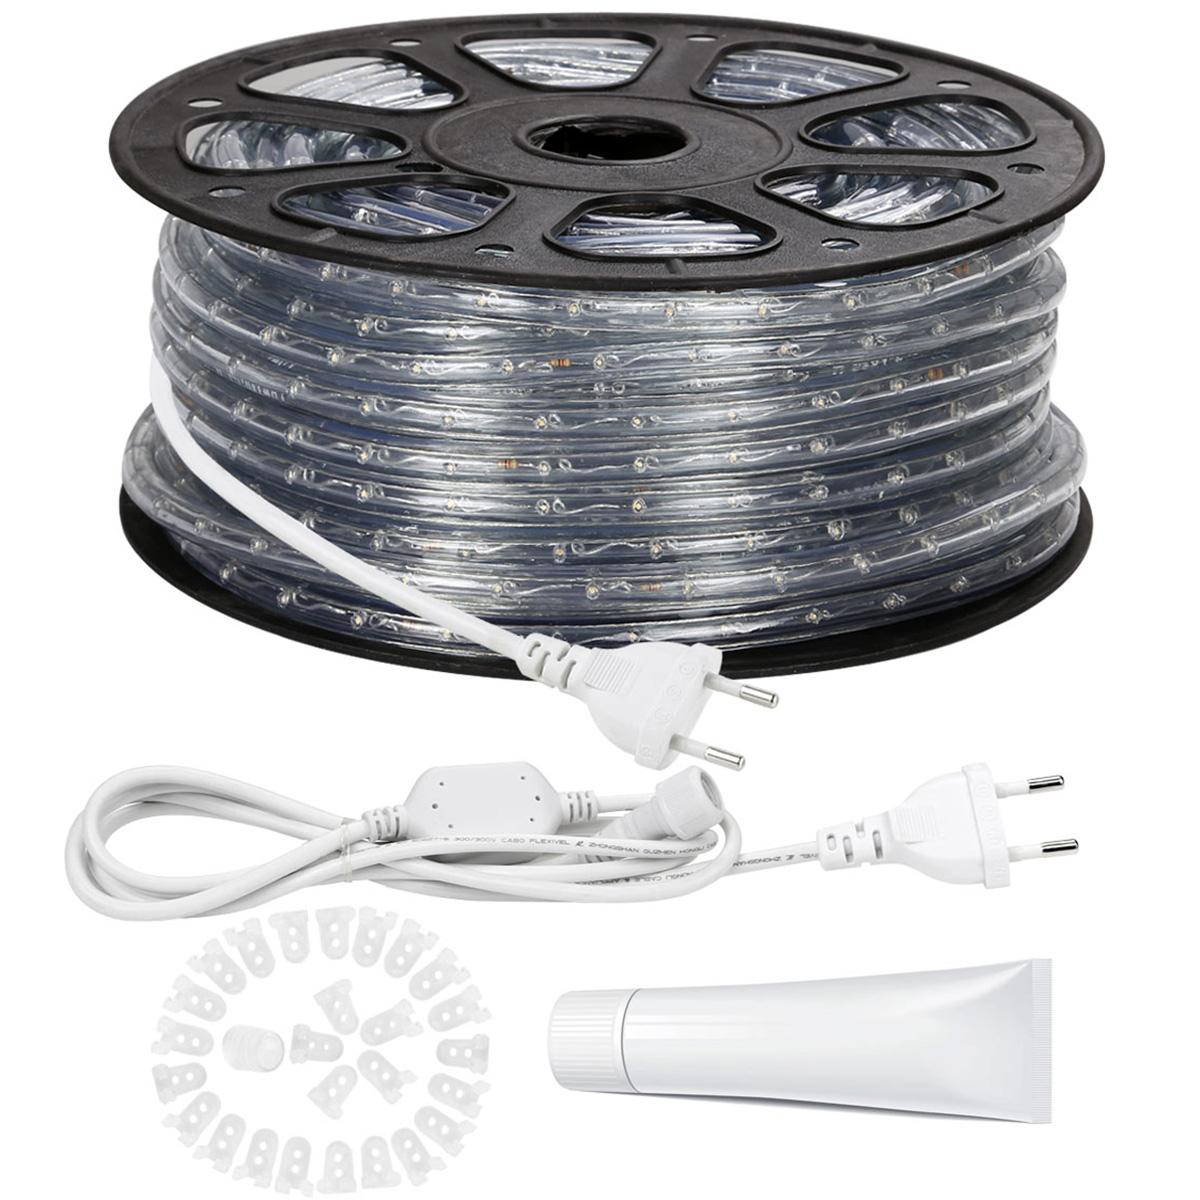 LED Lichtschlauch außen, 230V wasserdicht IP65,  46M Kaltweiß, PVC Schlauch Seil, Indirekte Beleuchtung